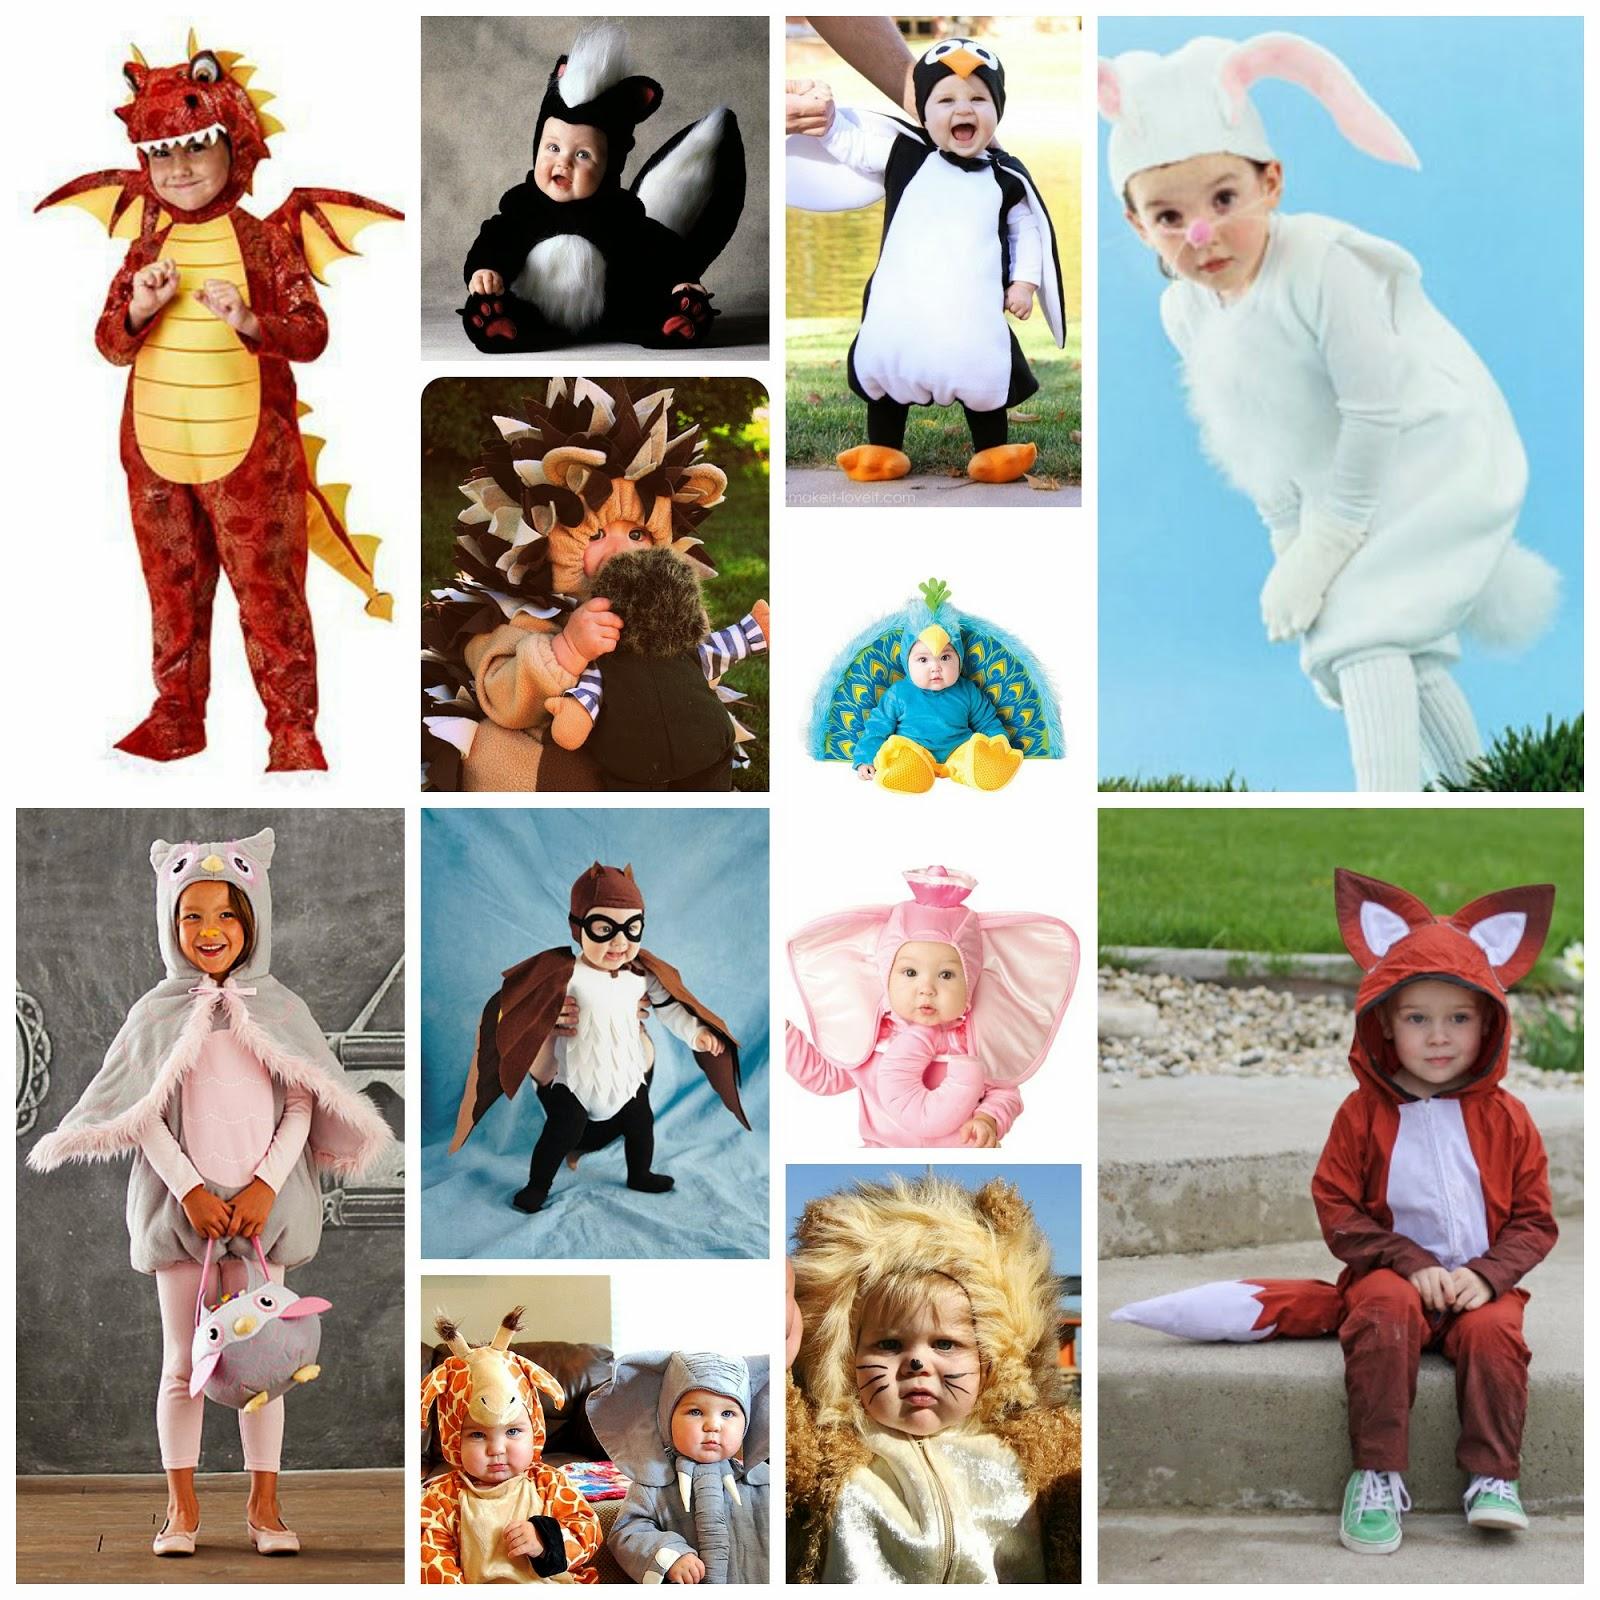 Recursos Disfraces De Animales Para Carnaval Lluvia De Ideas - Como-hacer-un-disfraz-casero